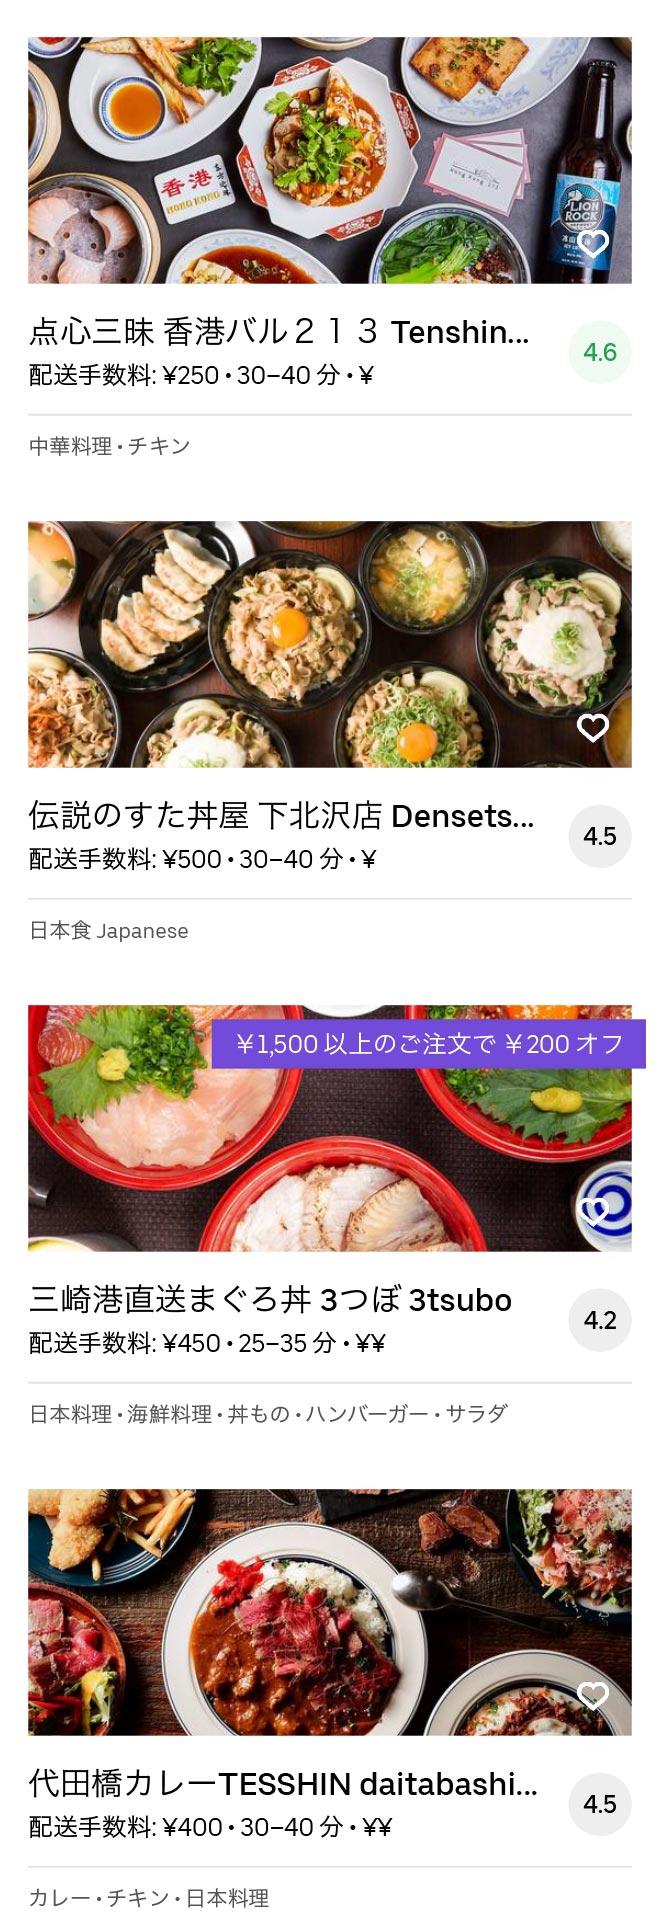 Tokyo kyodo menu 2005 12